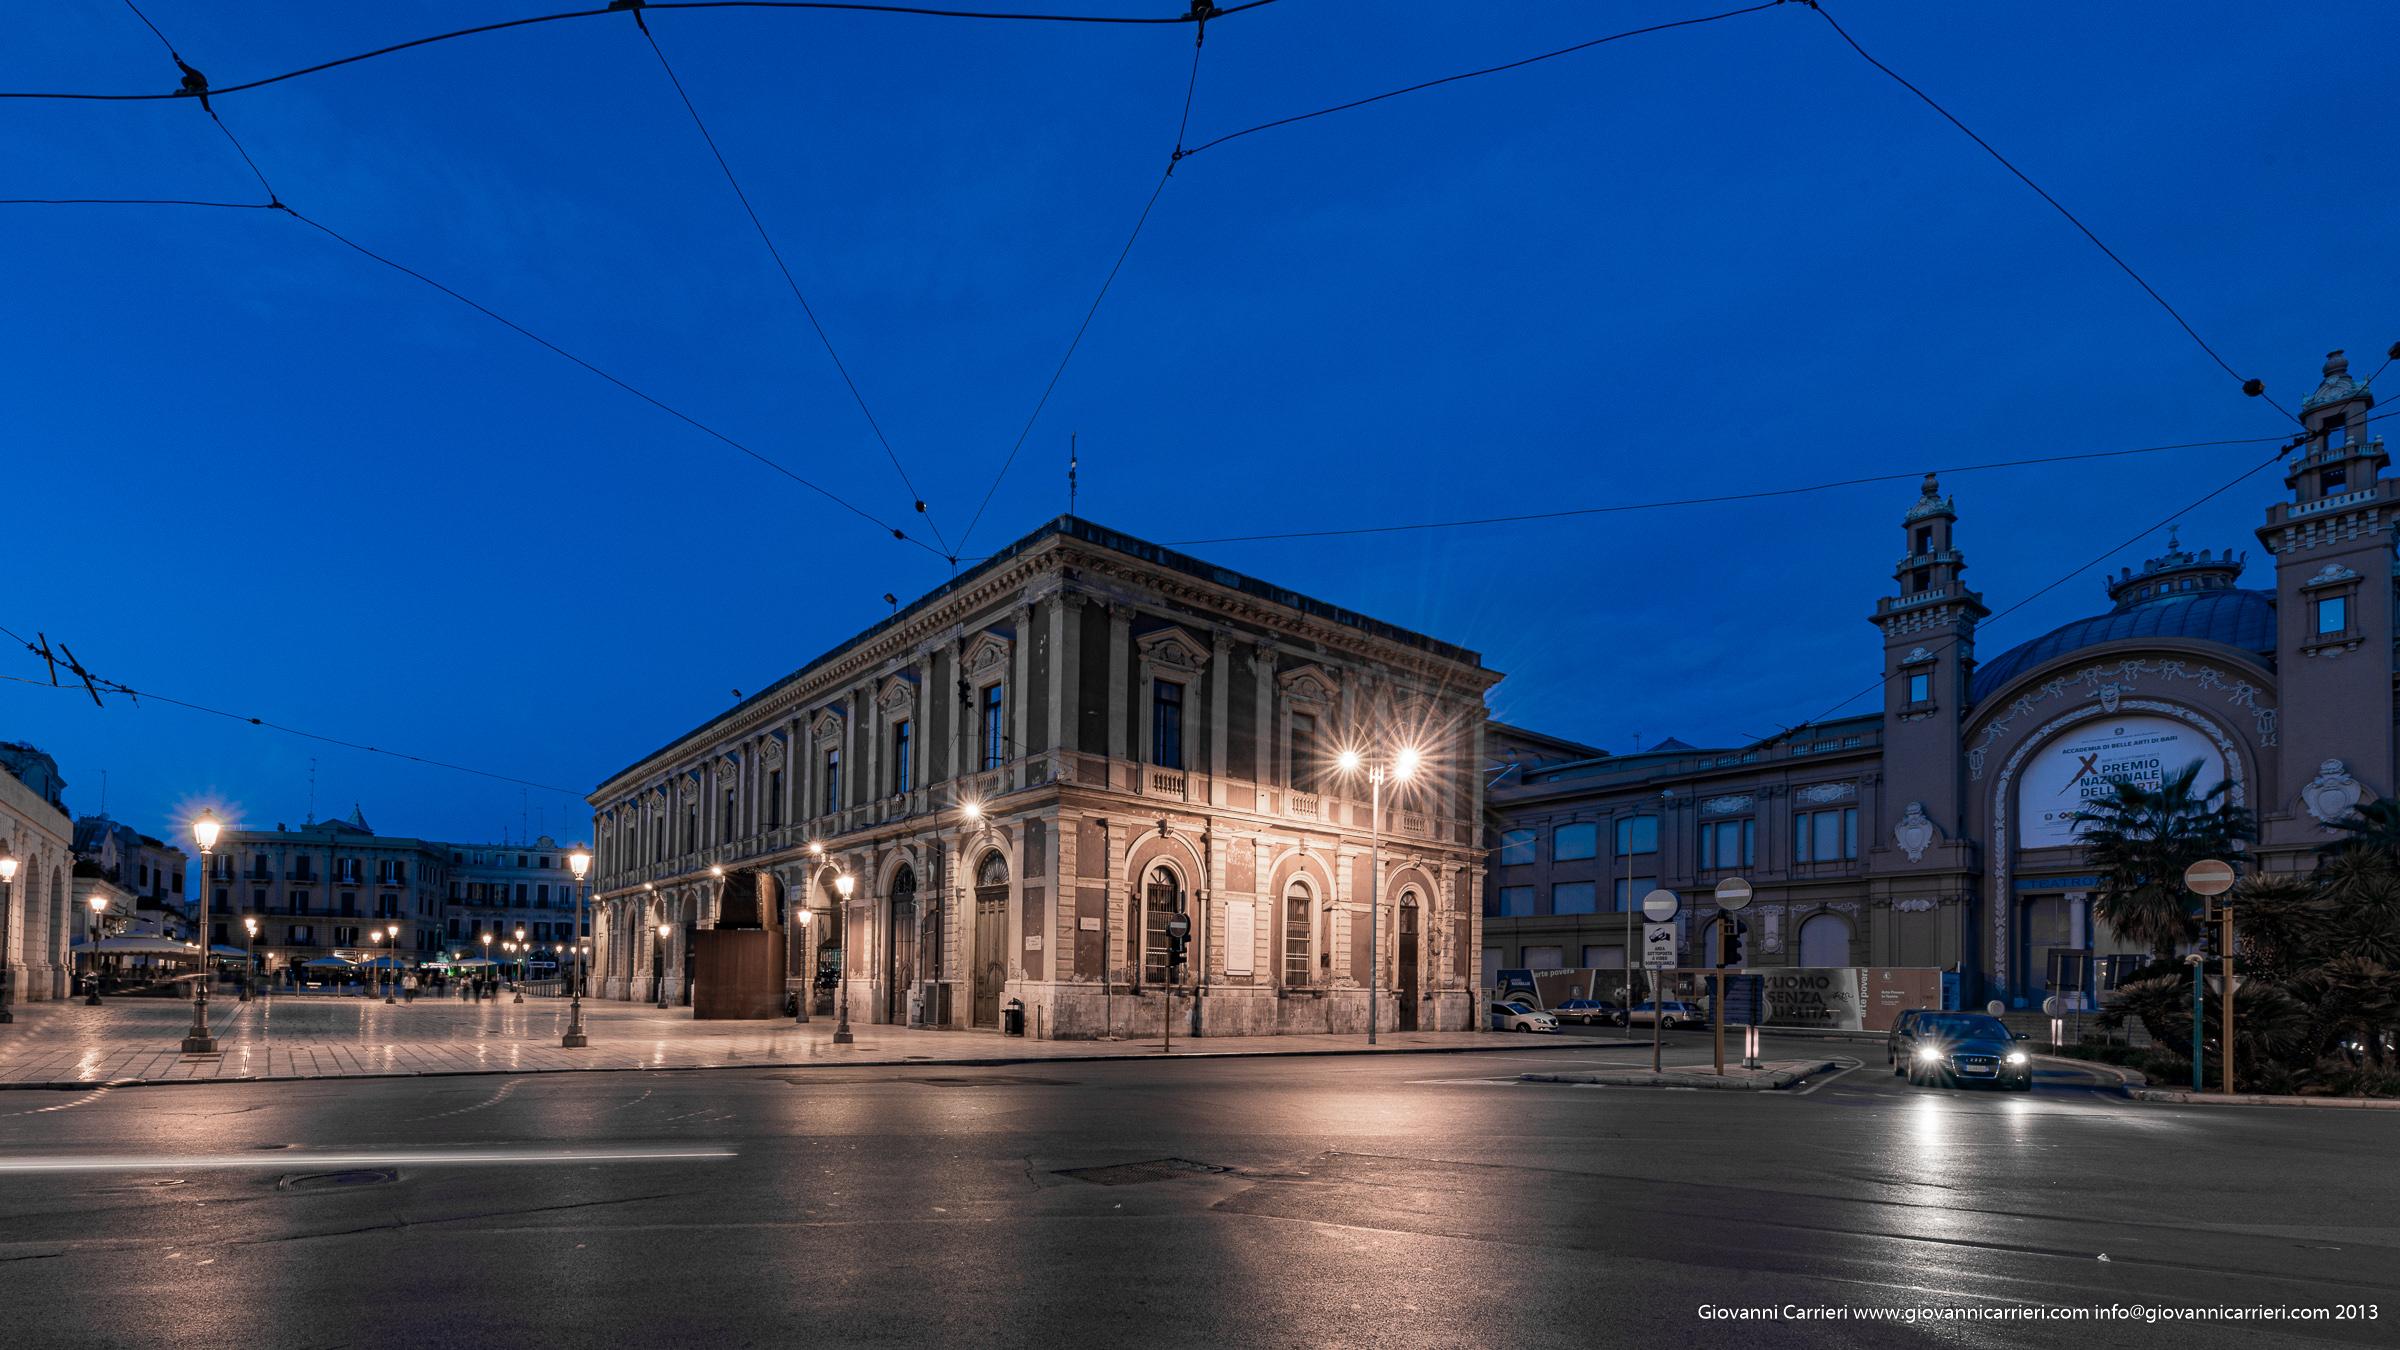 Piazza del Ferrarese ed il Teatro Margherita - Bari vecchia